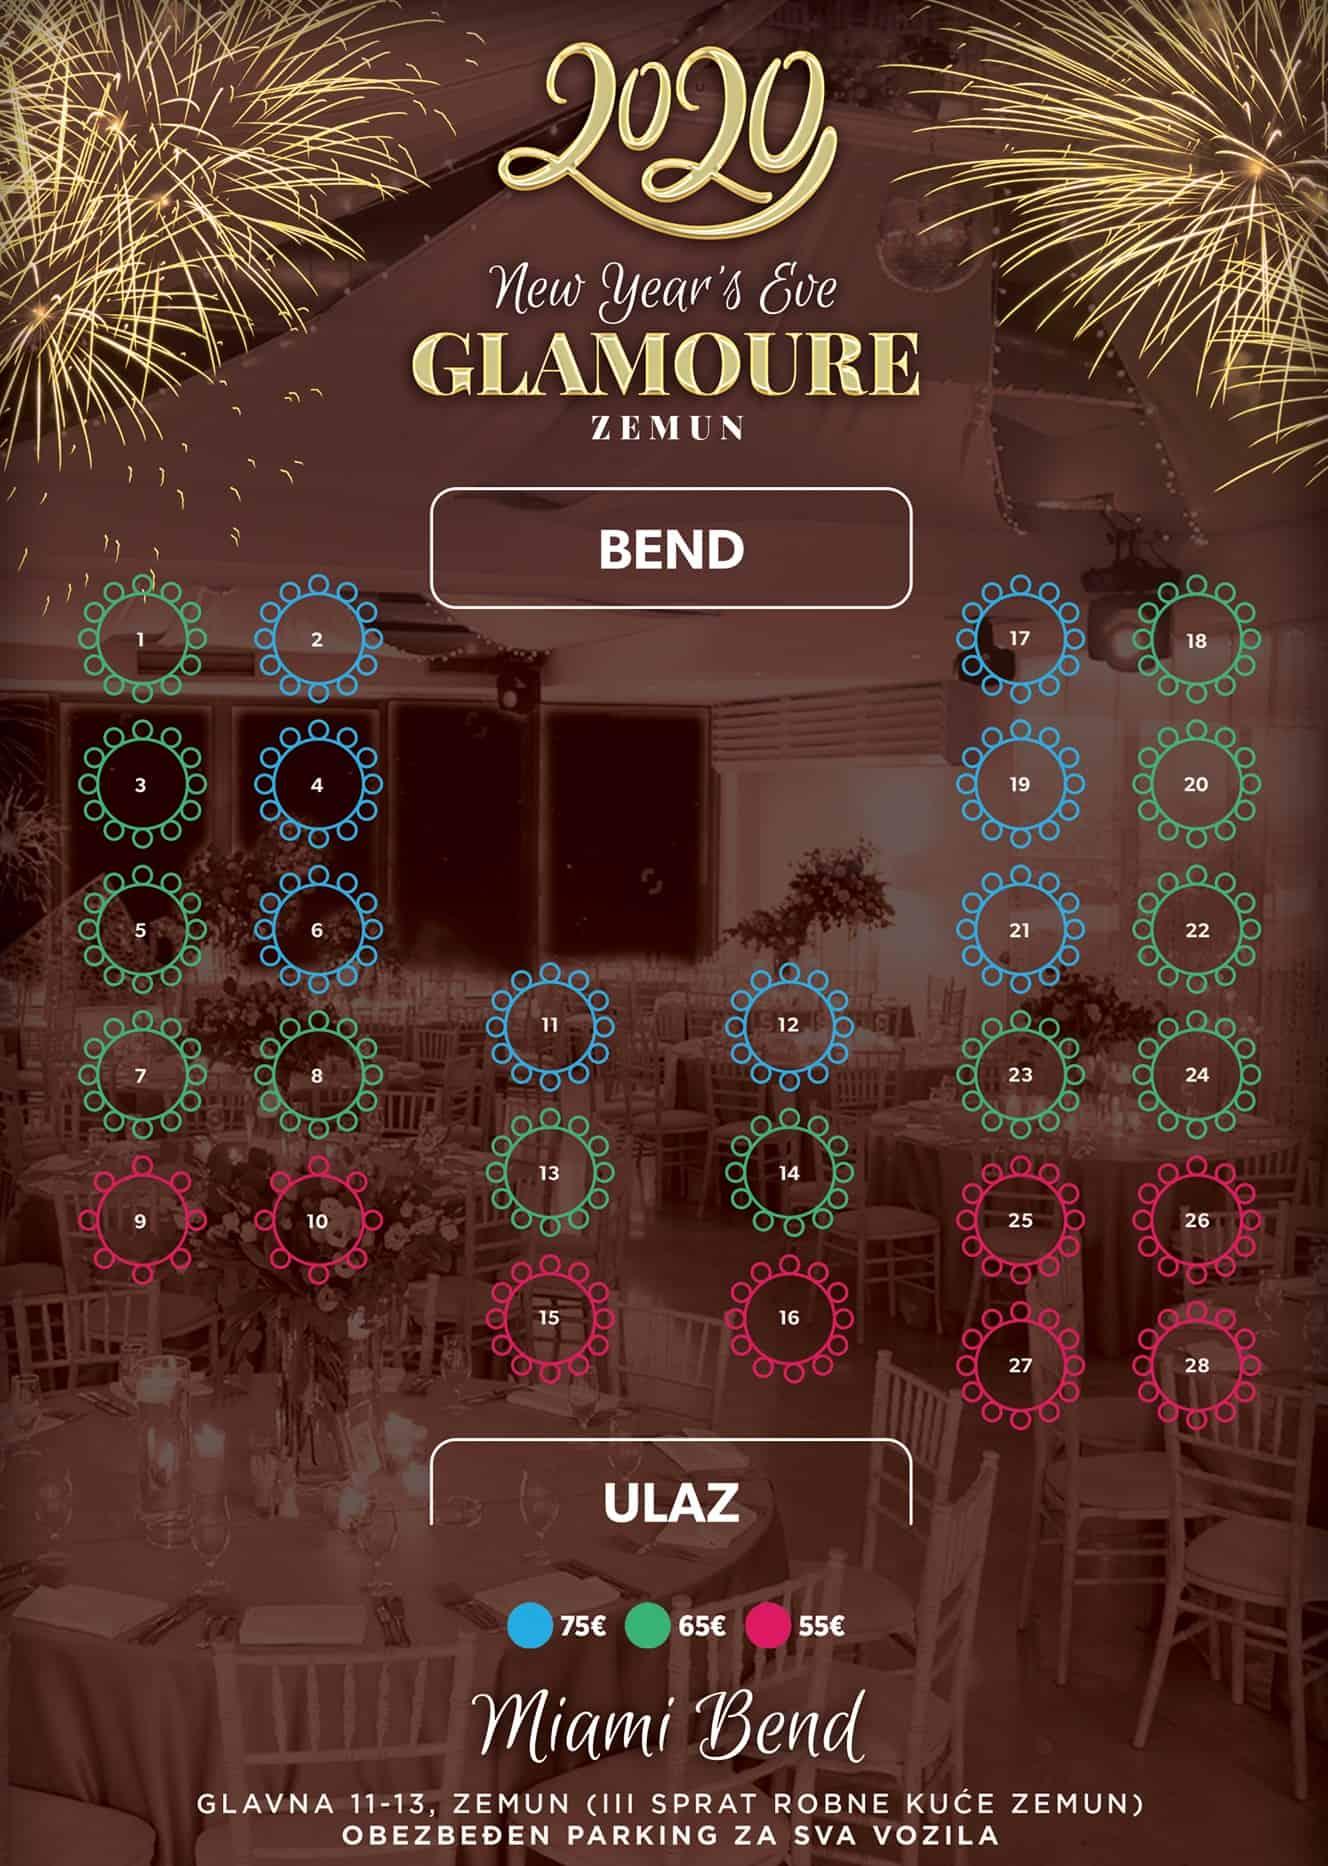 Docek Nove godine 2020 Beograd Glamoure Event Center mapa